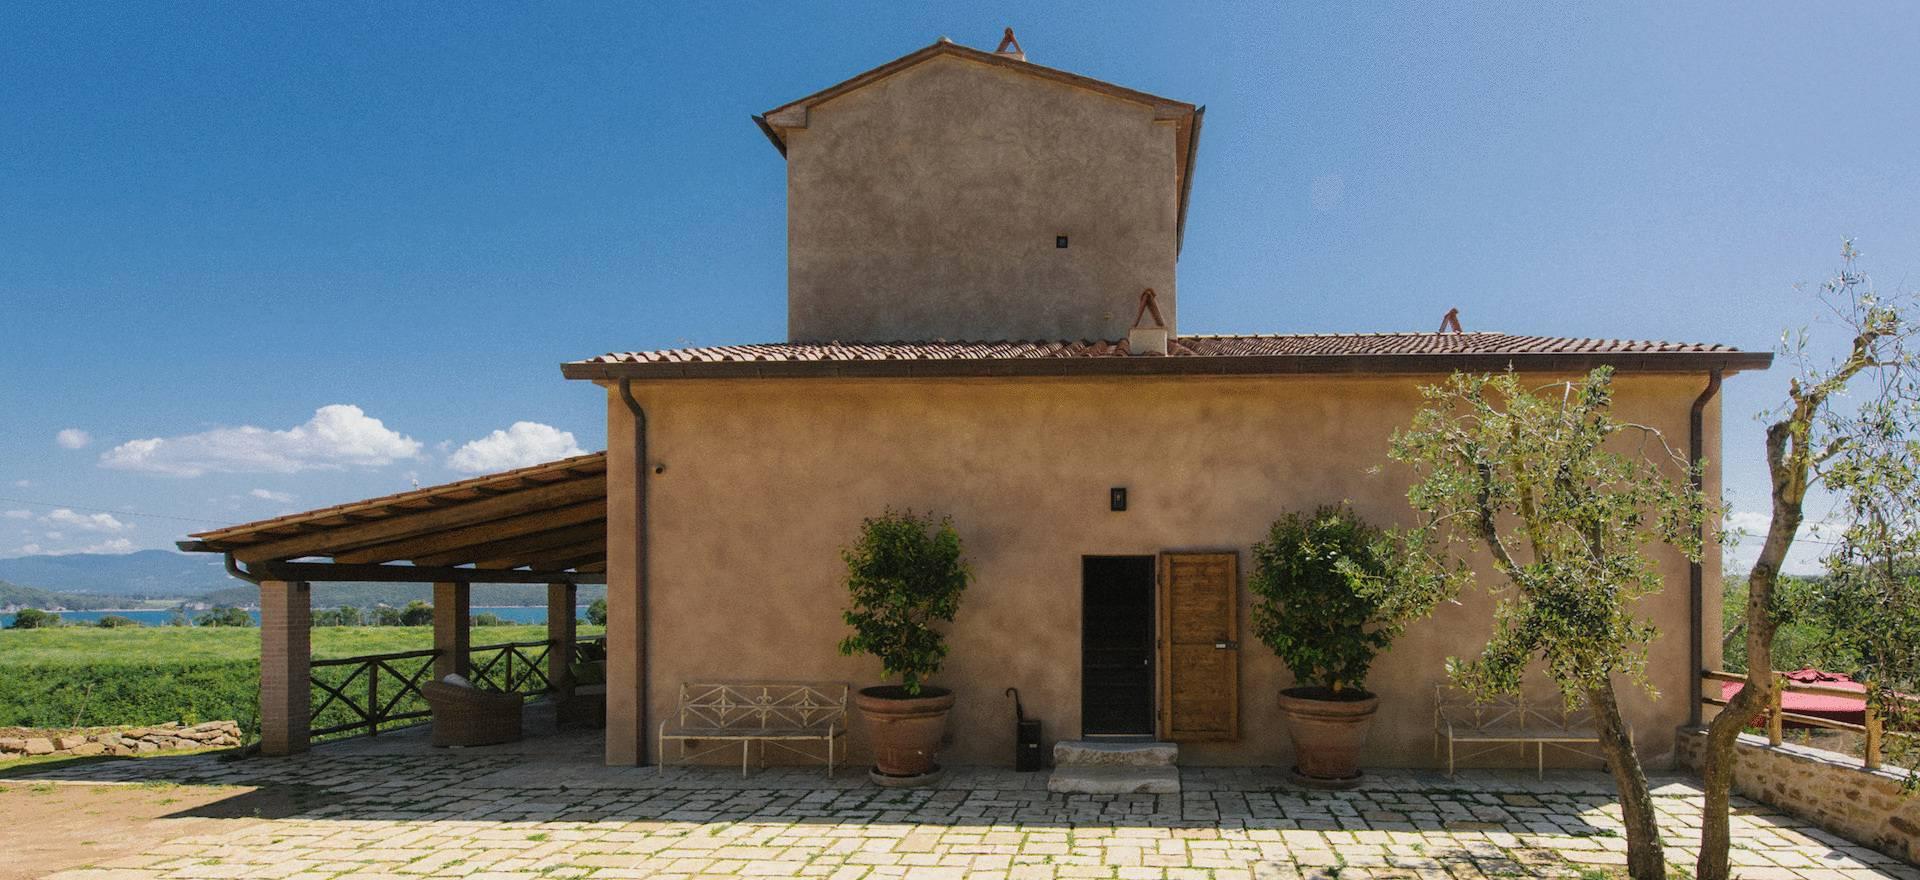 Luxe agriturismo Toscane met uitzicht op zee